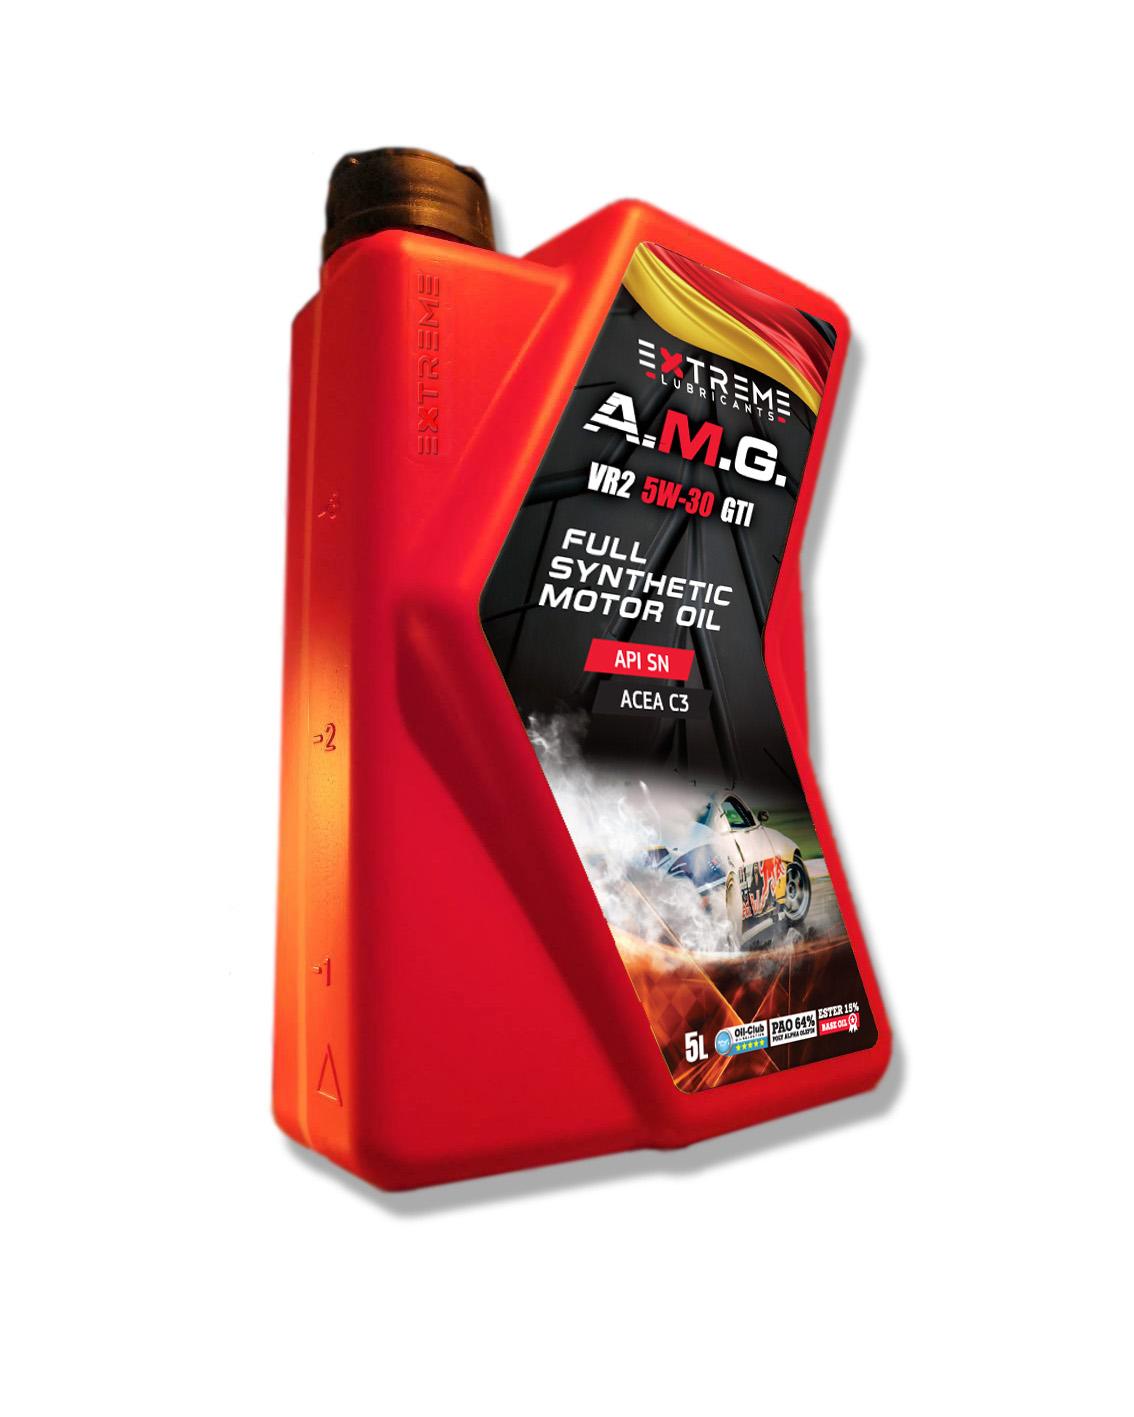 EXTREME A.M.G VR2 5W-30 GTI 5L - AMG